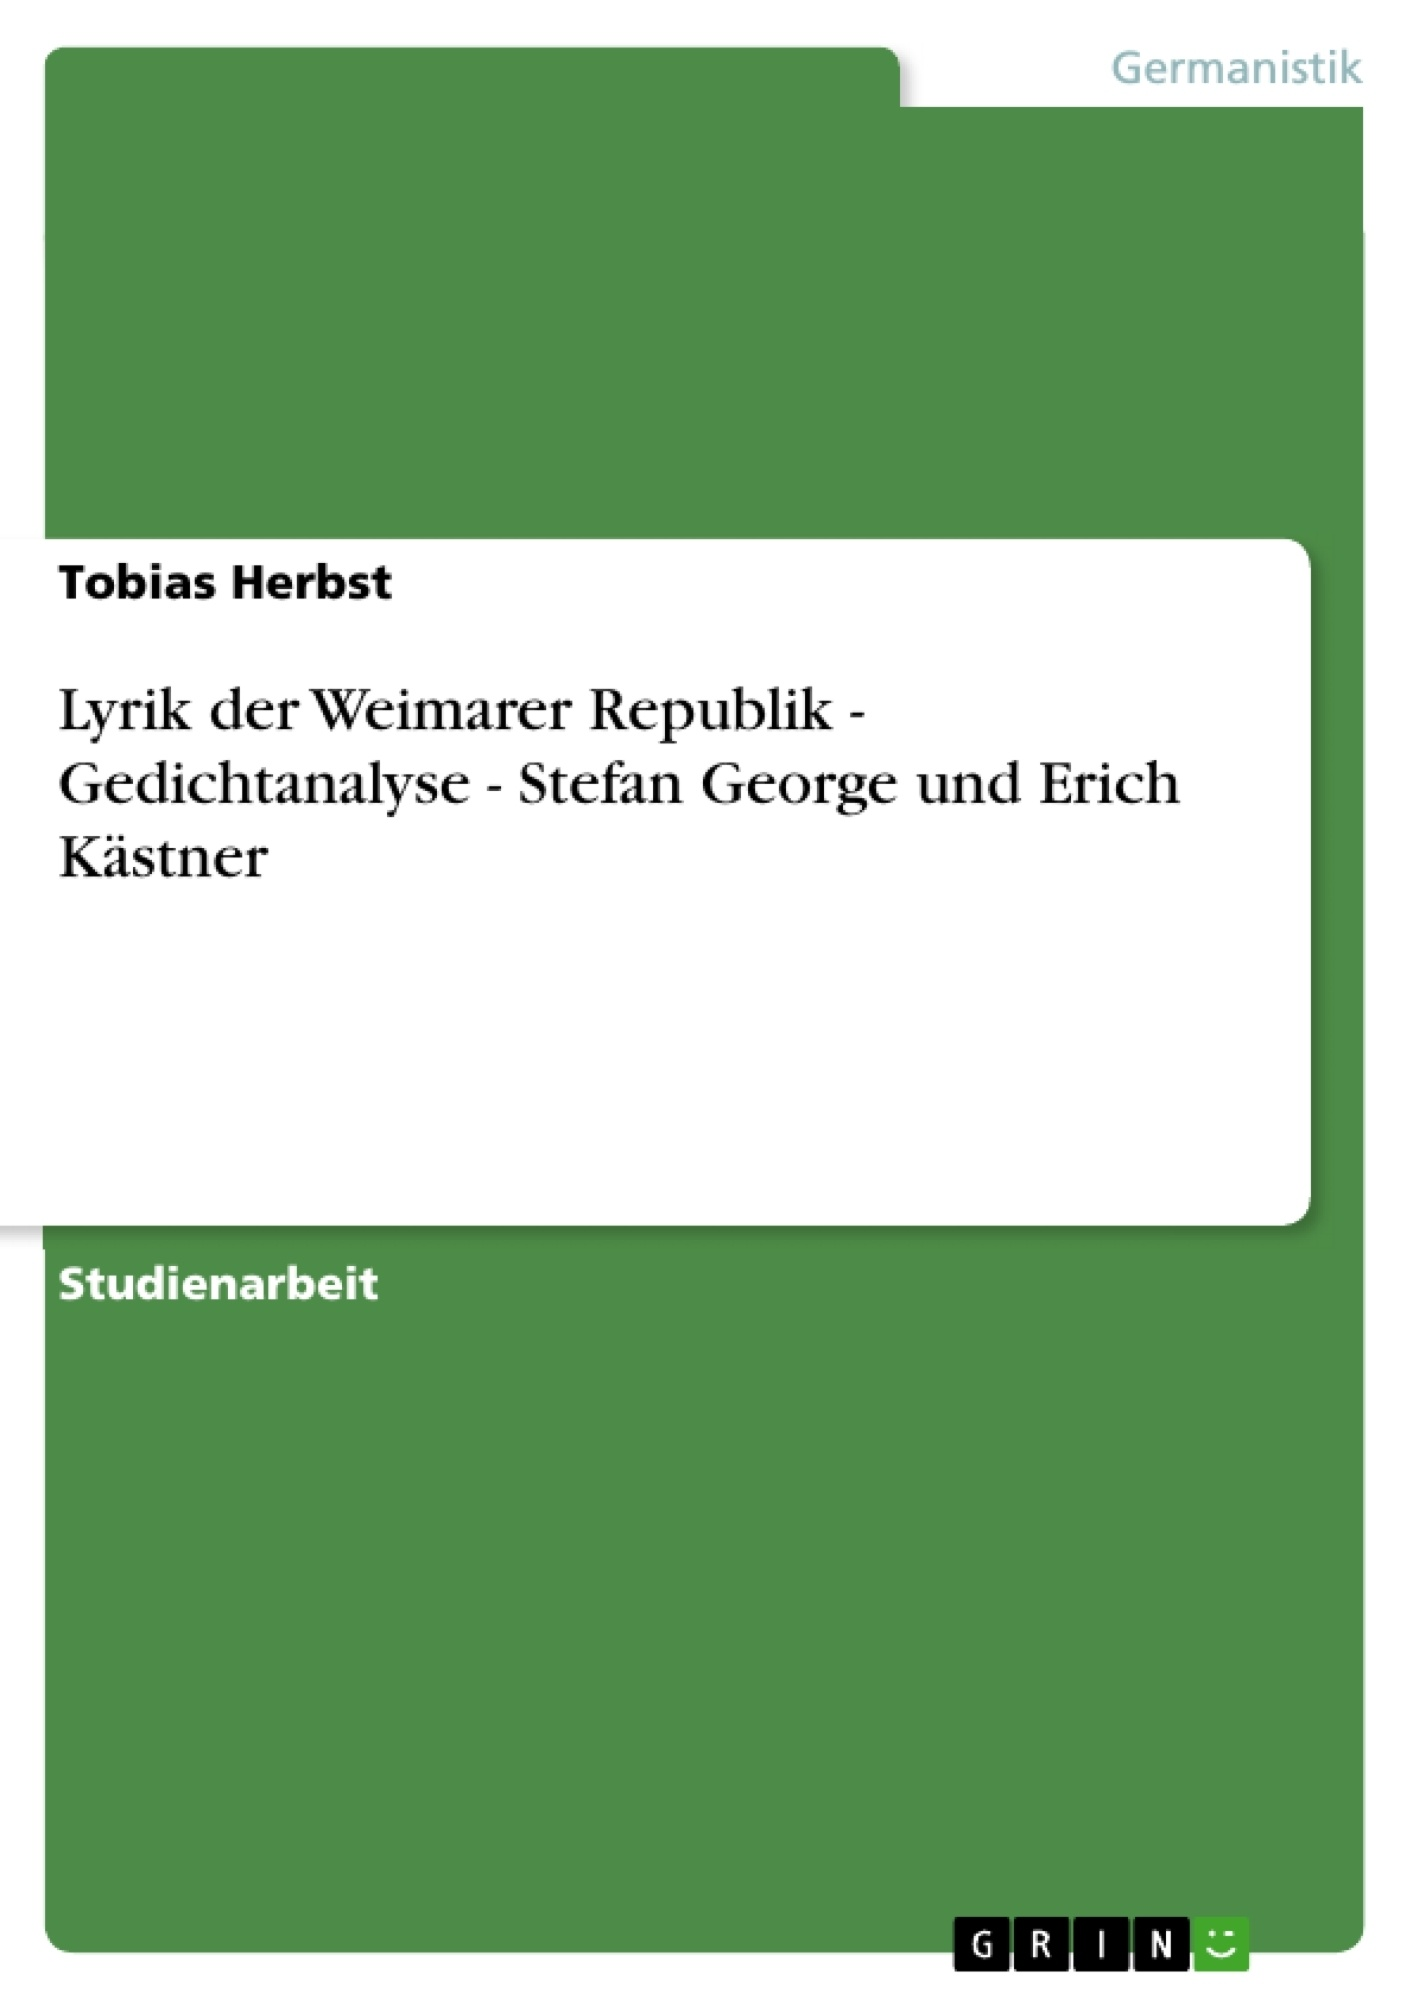 Titel: Lyrik der Weimarer Republik - Gedichtanalyse - Stefan George und Erich Kästner